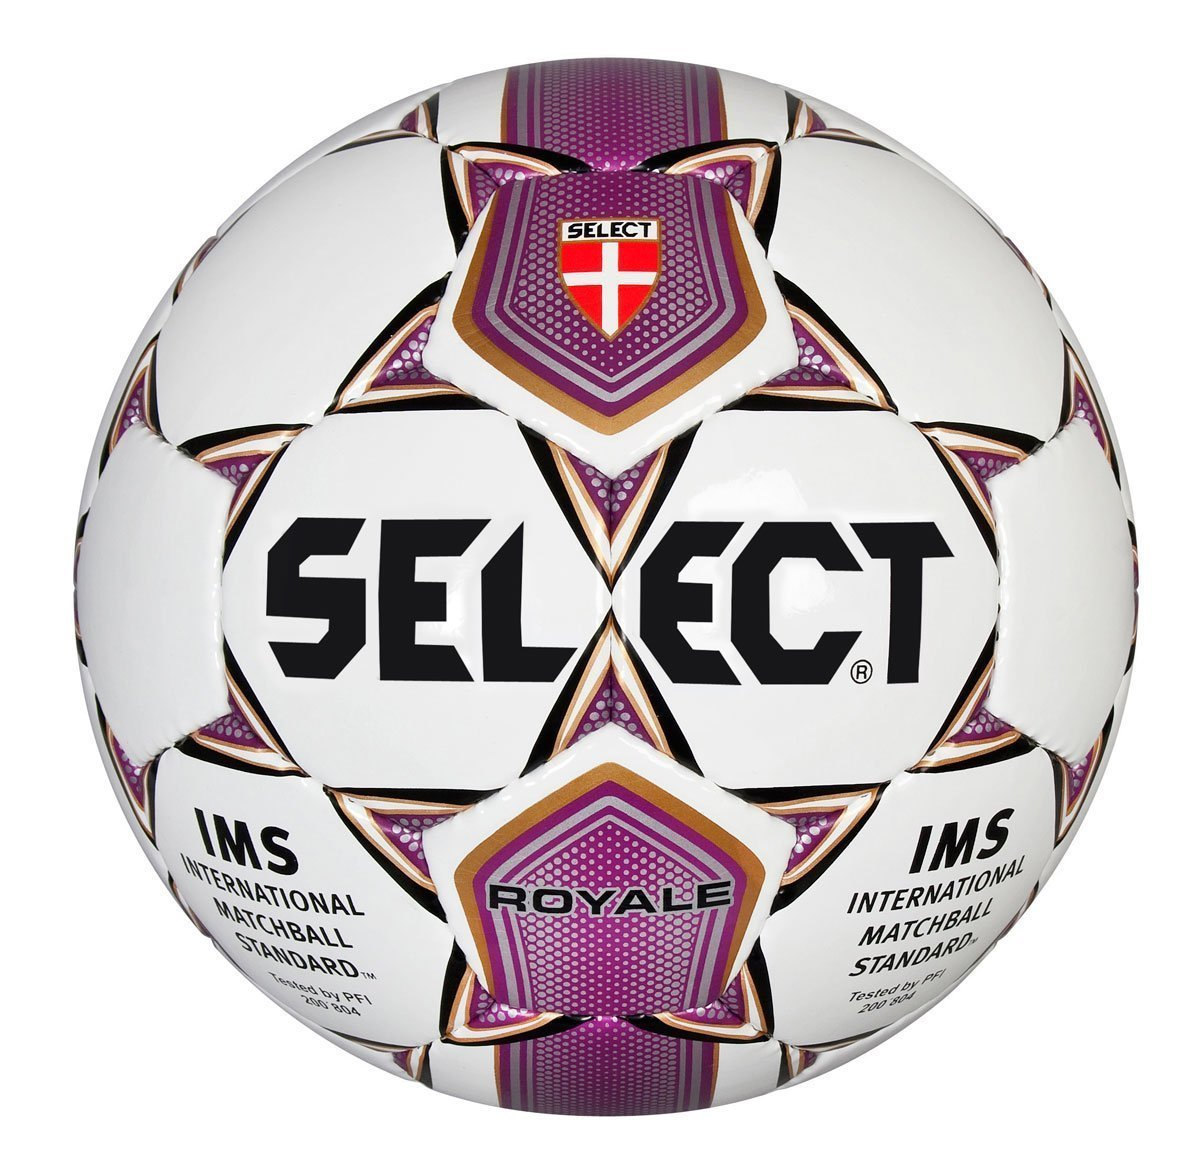 Select Select royale fodbold fra billigsport24